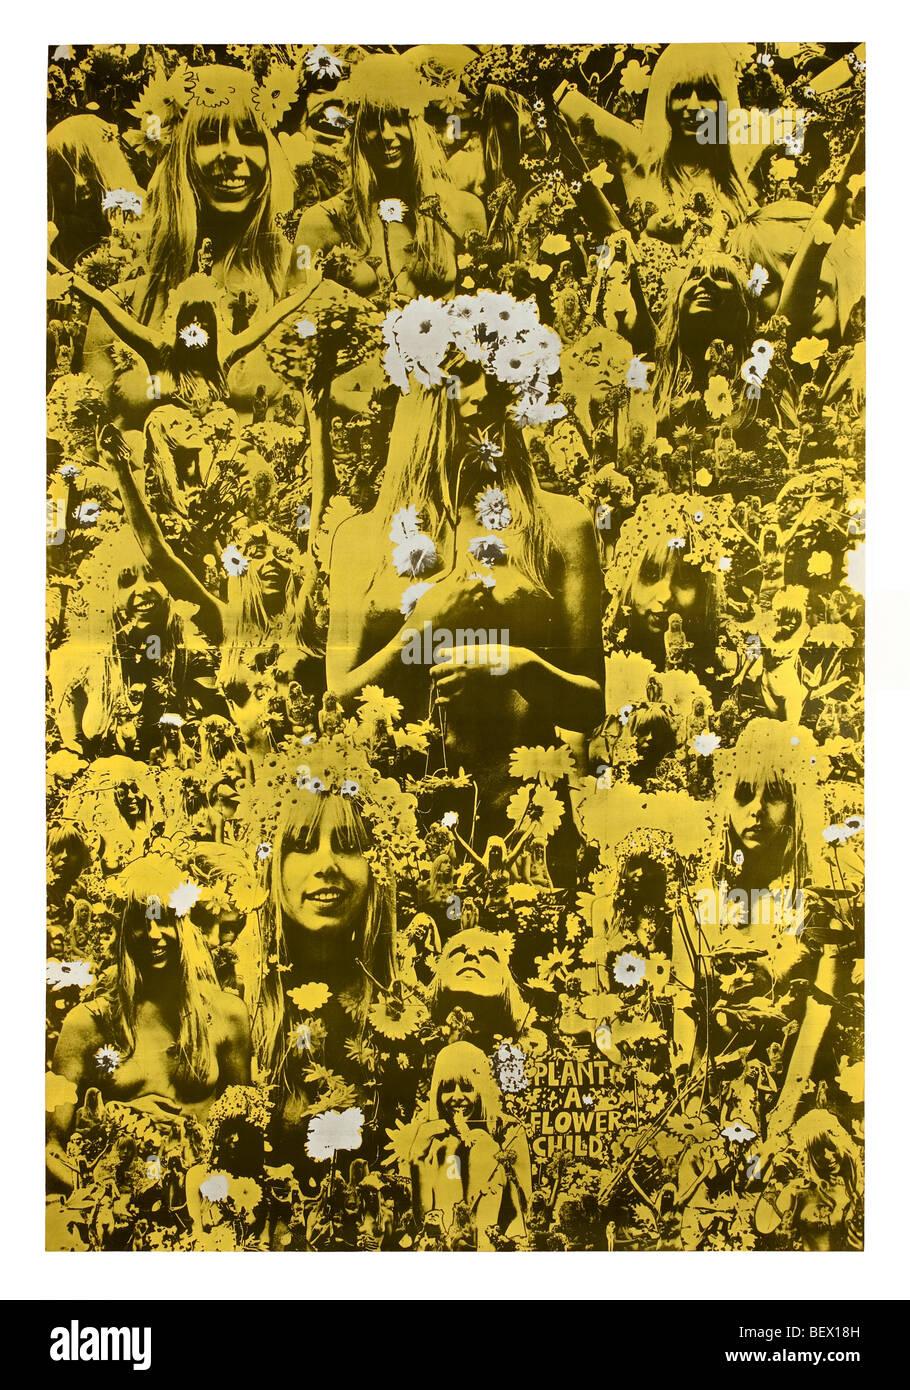 """Oz-Magazin-Nummer 5 """"Plant ein Blumenkind"""" im Jahr 1967 ausgegeben Stockfoto"""